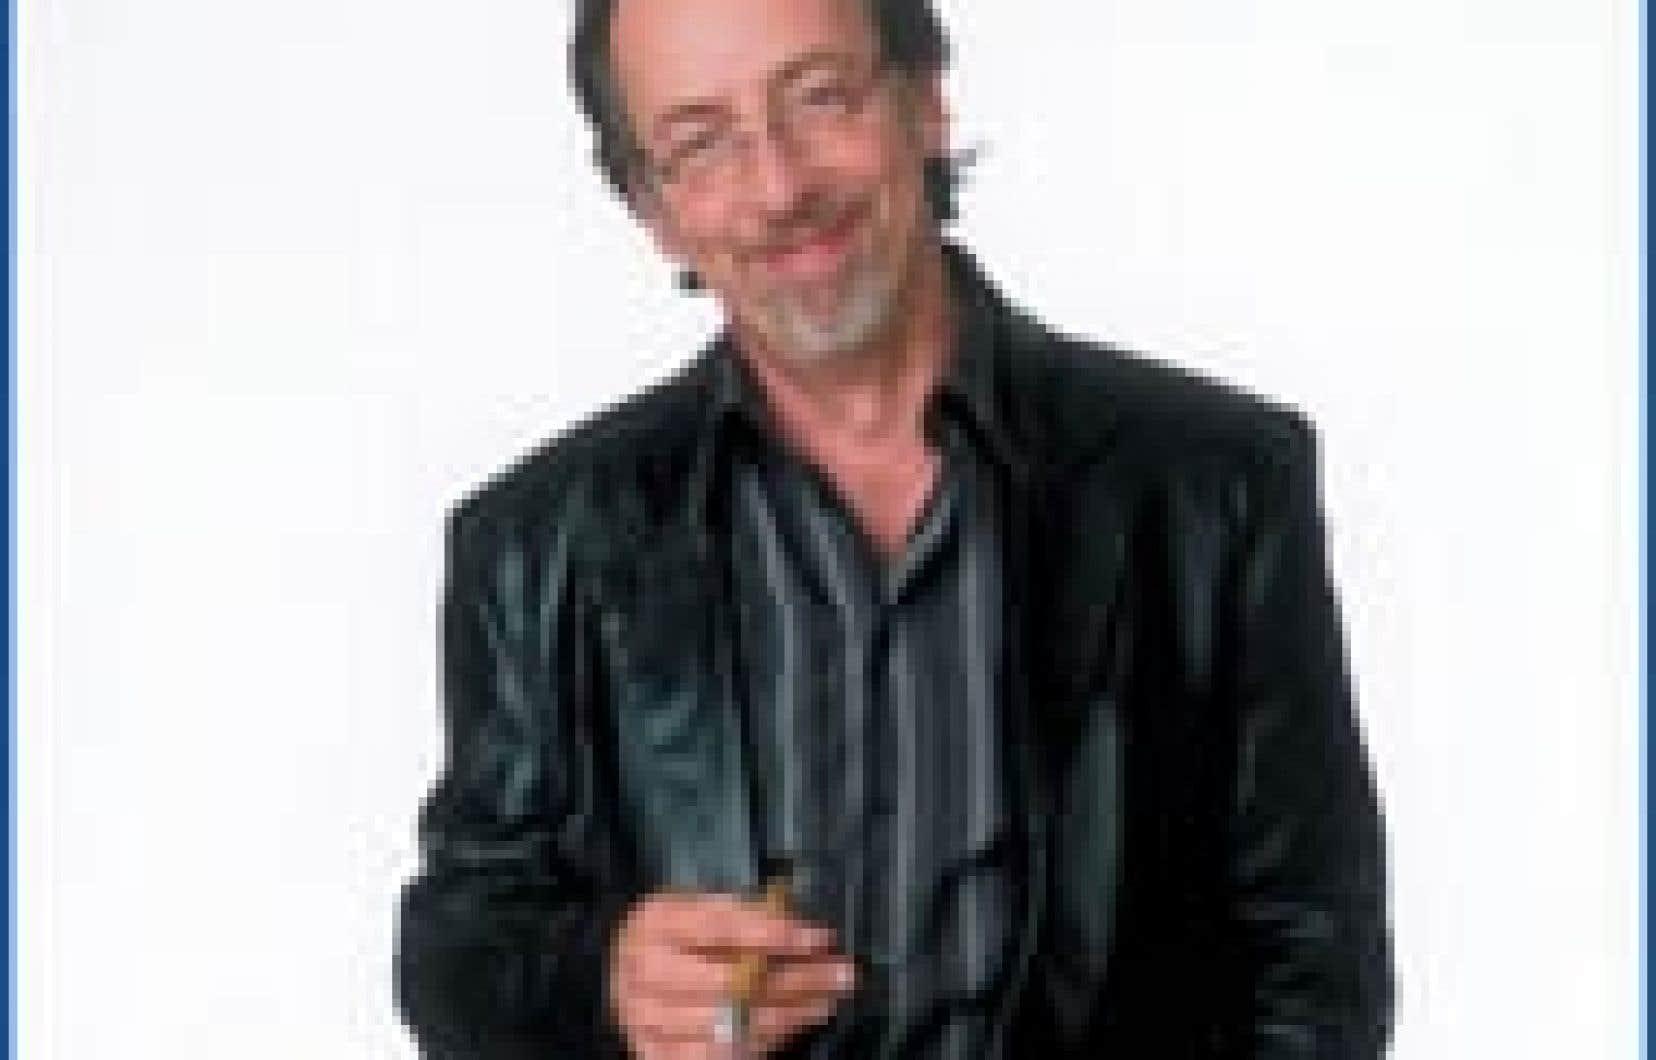 Benoît Dutrizac a appris la nouvelle de son congédiement vendredi par le producteur de l'émission les Francs-tireurs. — Source Télé-Québec